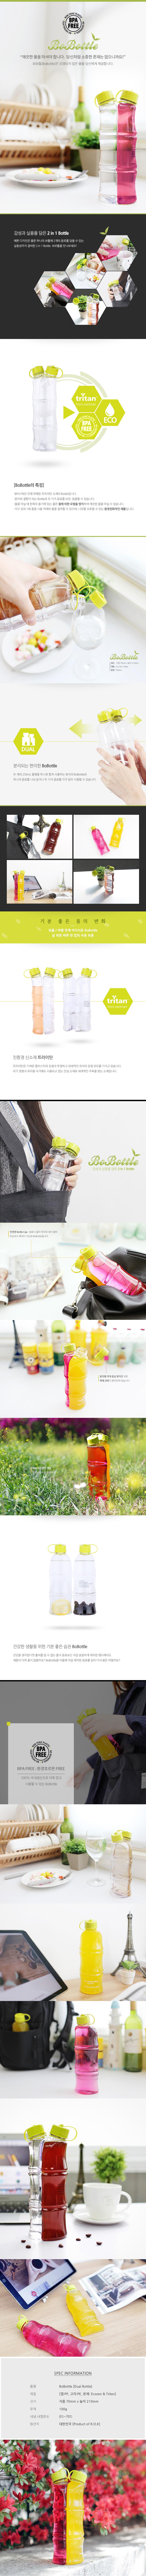 BPA FREE 트라이탄소재 분리형 물병 보틀15,000원-심플생활/패브릭, 텀블러/컵/티팟, 물병, 물병바보사랑BPA FREE 트라이탄소재 분리형 물병 보틀15,000원-심플생활/패브릭, 텀블러/컵/티팟, 물병, 물병바보사랑